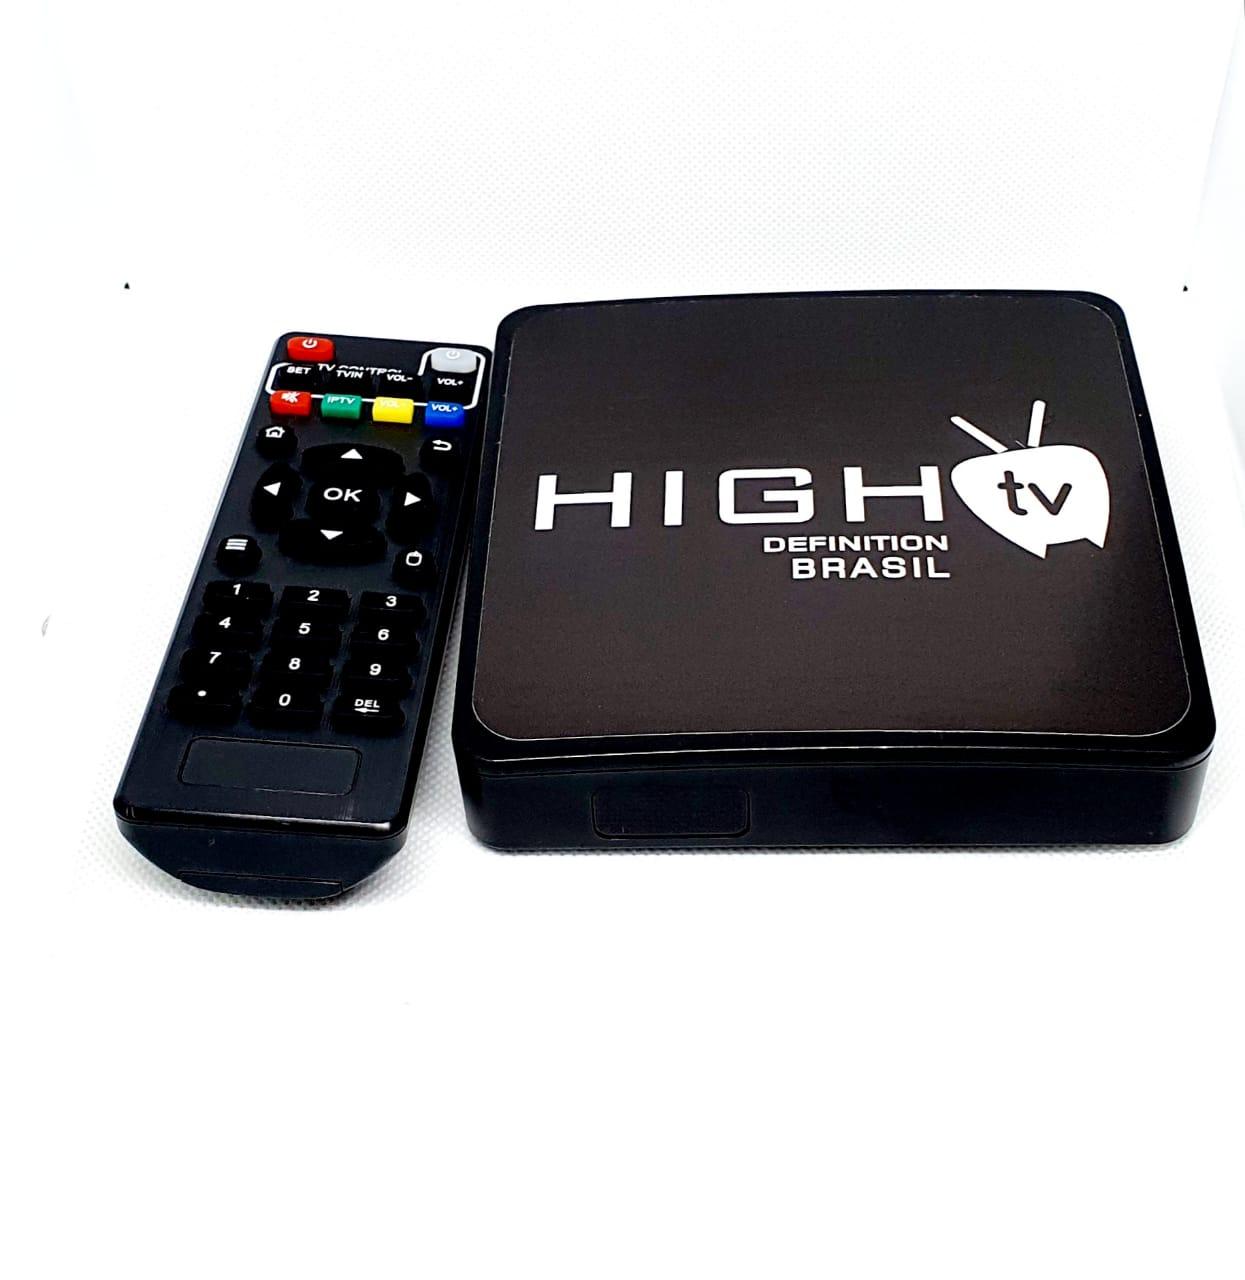 TV BOX NEW HIGHTV BRASIL 12 MESES